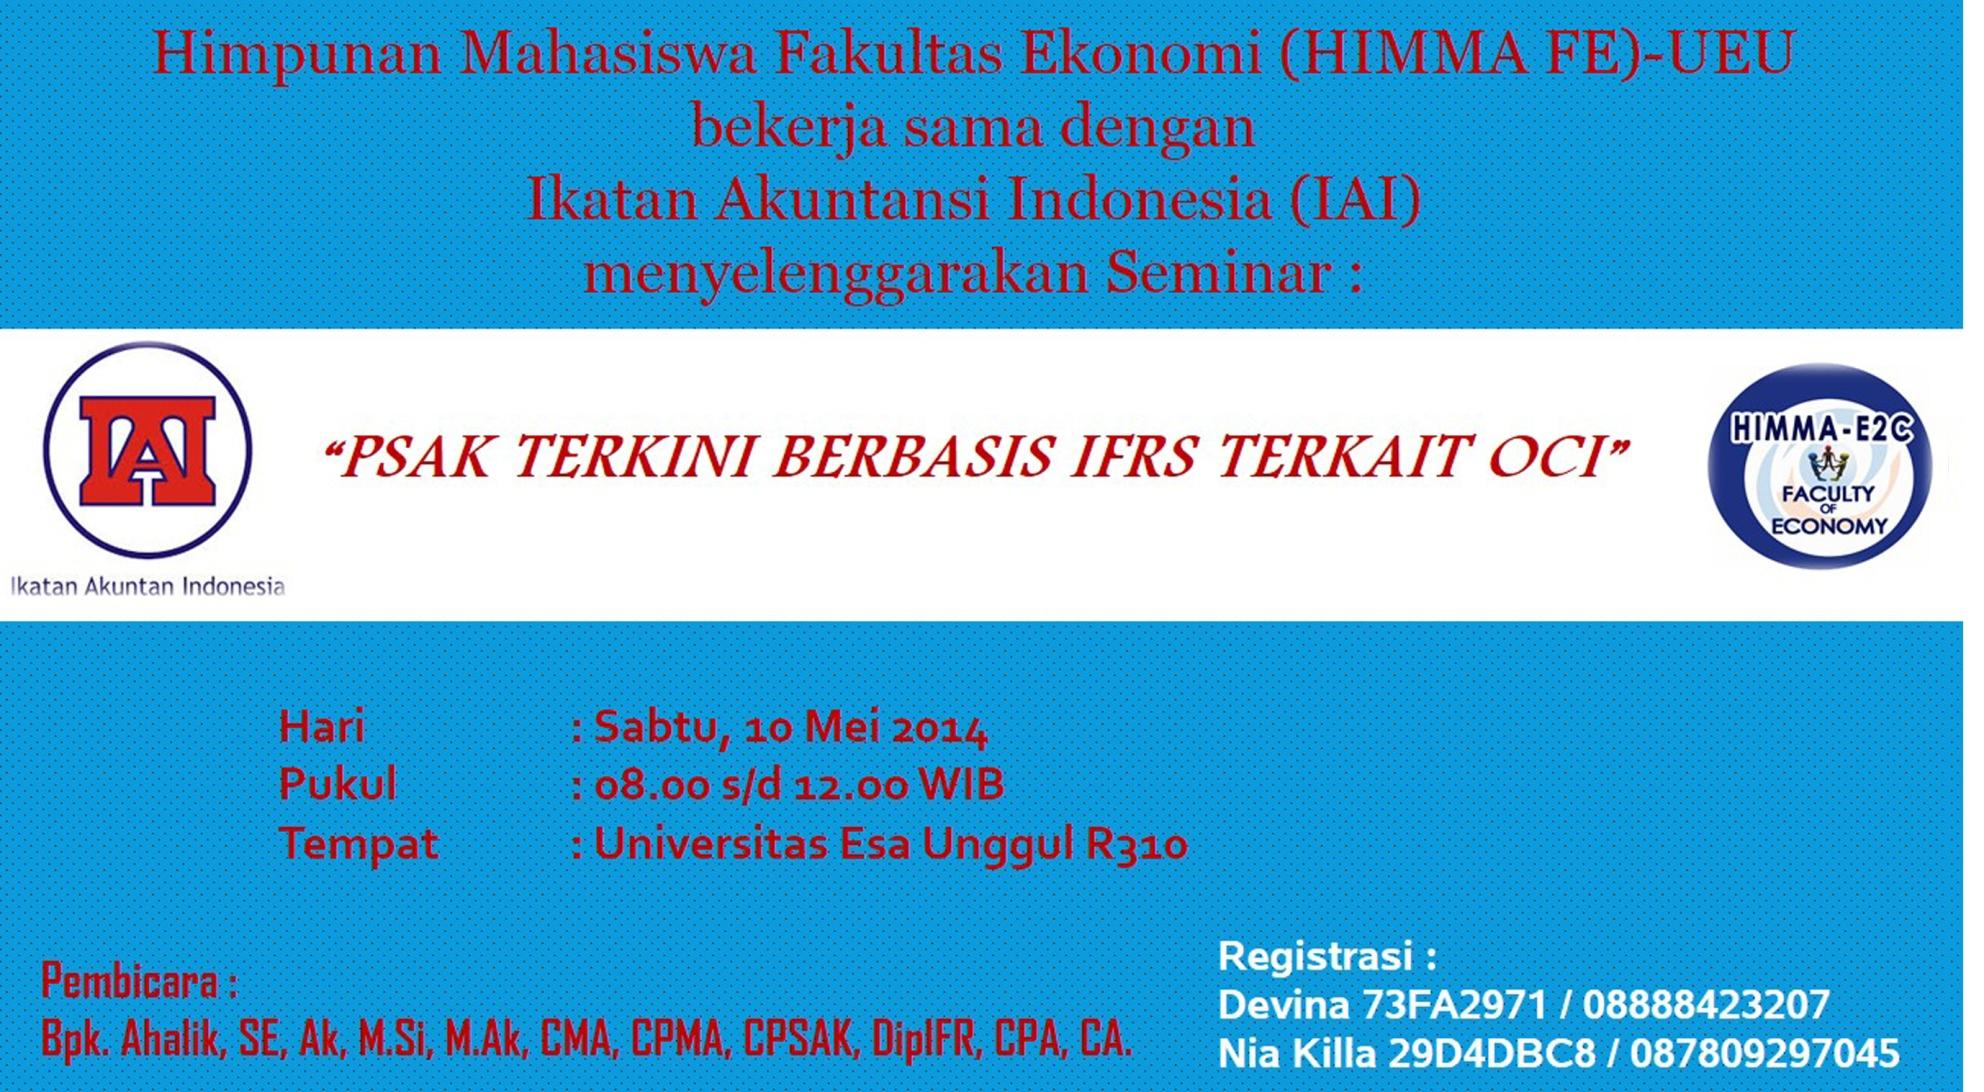 """Himpunan Mahasiswa Fakultas Ekonomi (HIMMA FE) Universitas Esa Unggul bekerja sama dengan Ikatan Akuntansi Indonesia (IAI) akan menyelenggarakan Seminar """"Pedoman Praktis PSAK Terkini Berbasis IFRS Terkait OCI"""""""